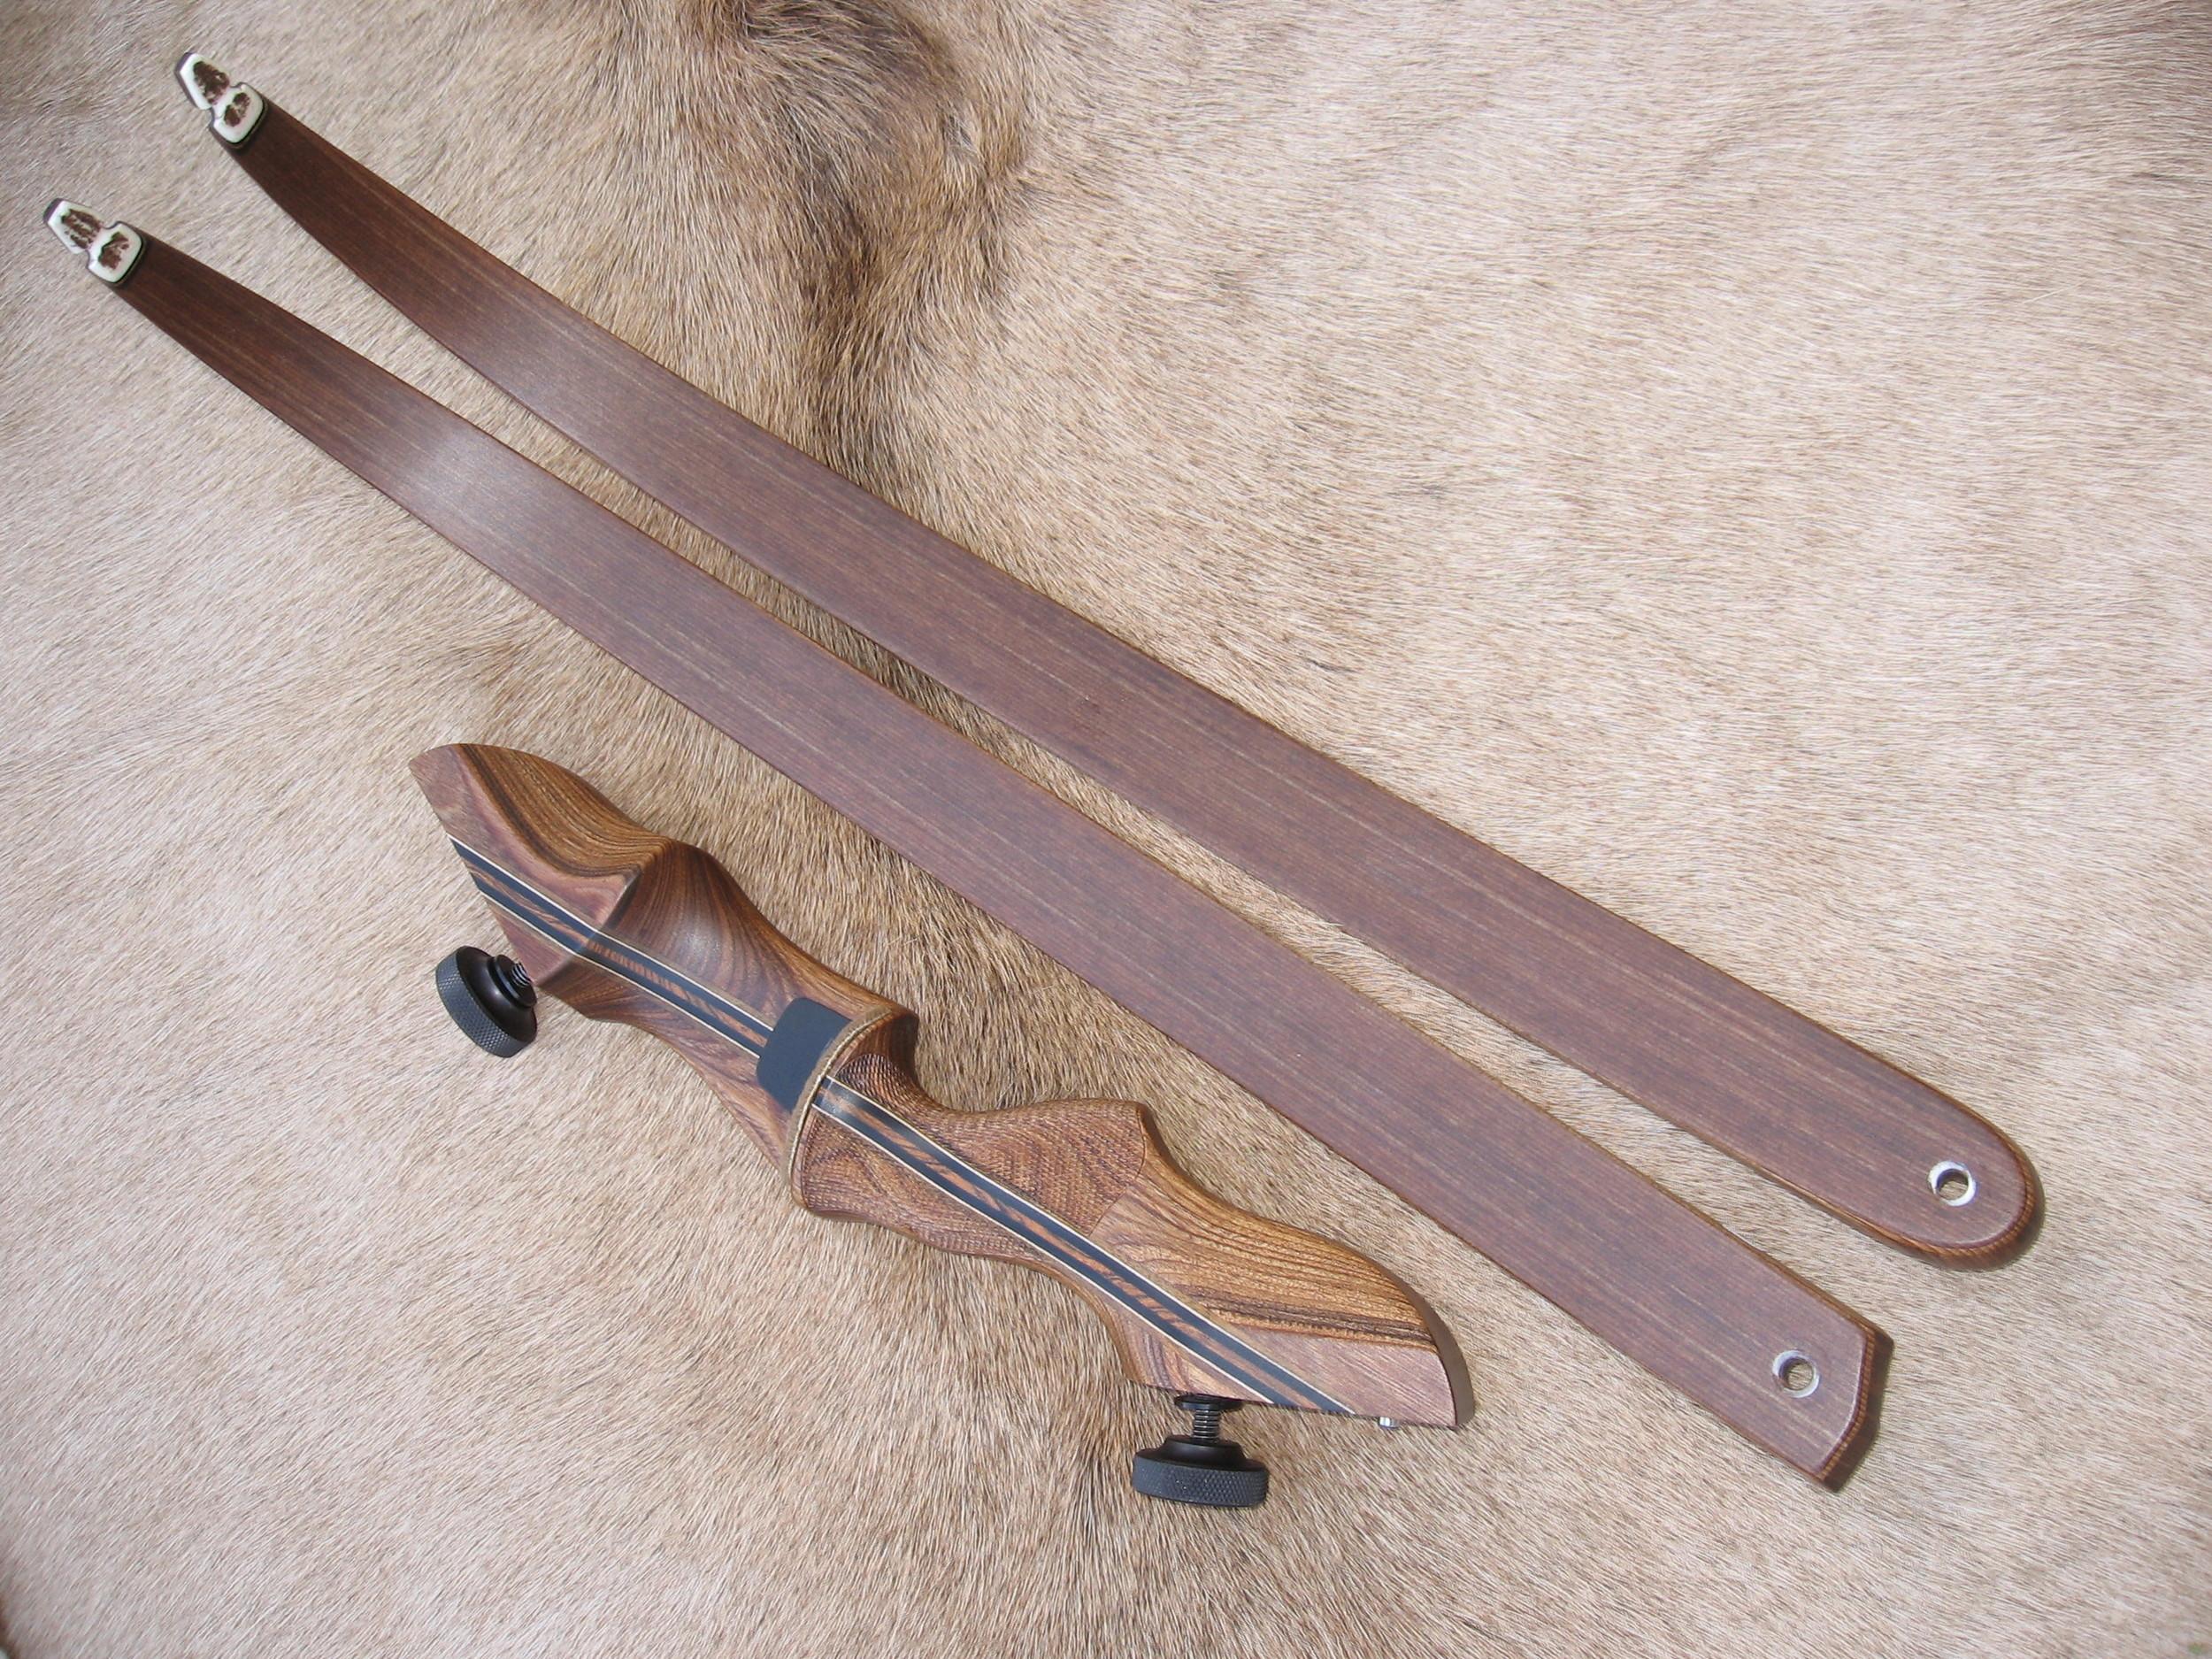 Walnut Dym Riser- Standard brown actionwood limbs